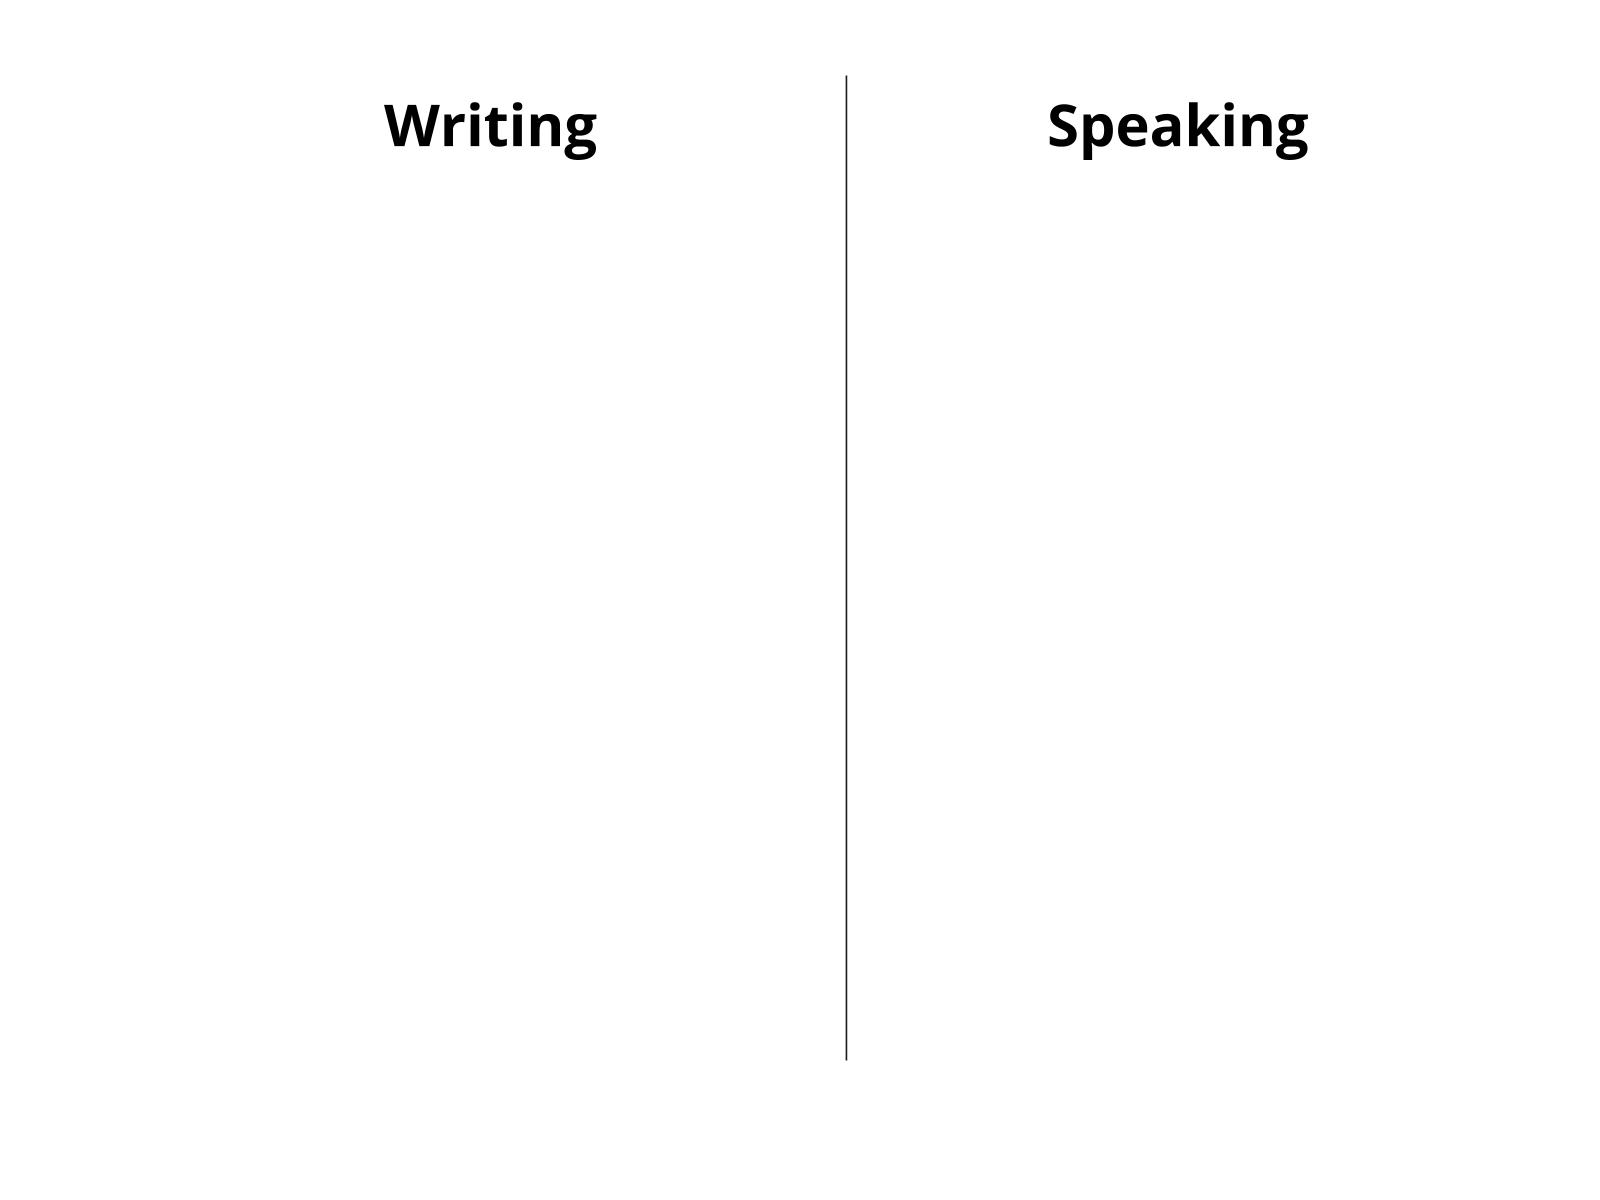 Avaliando e reescrevendo: o texto oral e o texto escrito